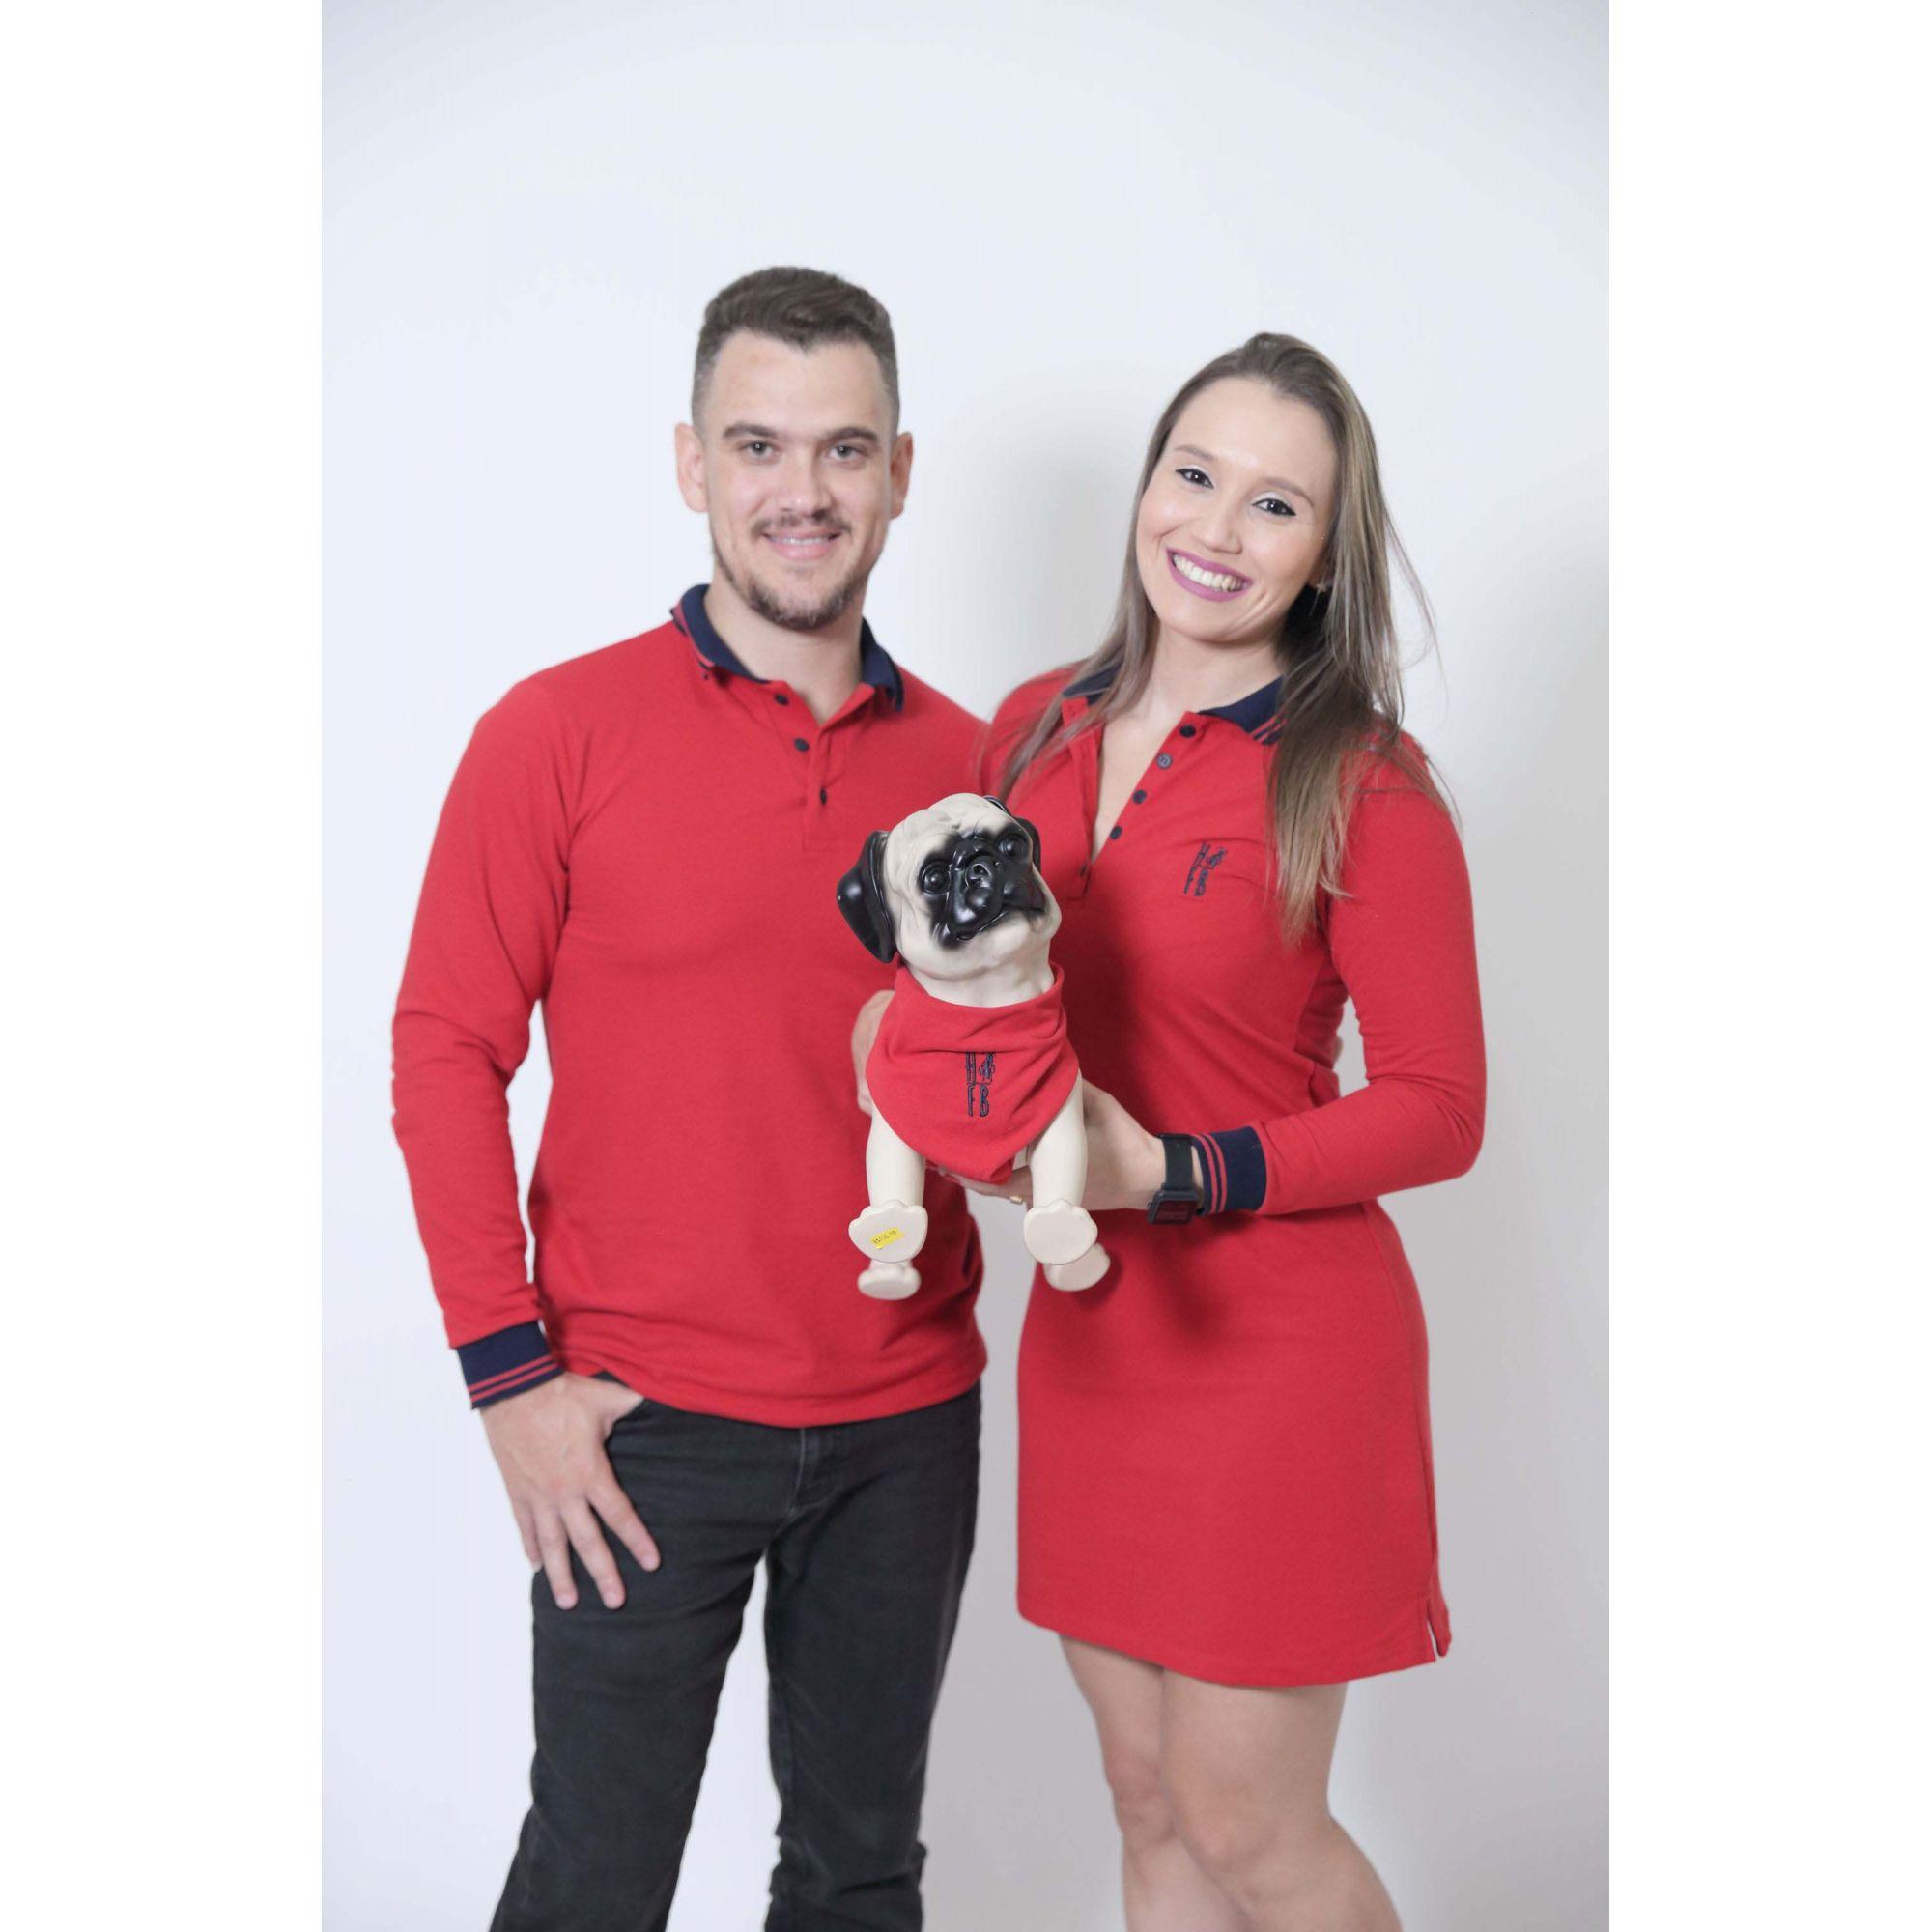 PAIS E PET > Kit 3 peças Camisa + Vestido Polo + Bandana - Vermelho Manga Longa [Coleção Família]